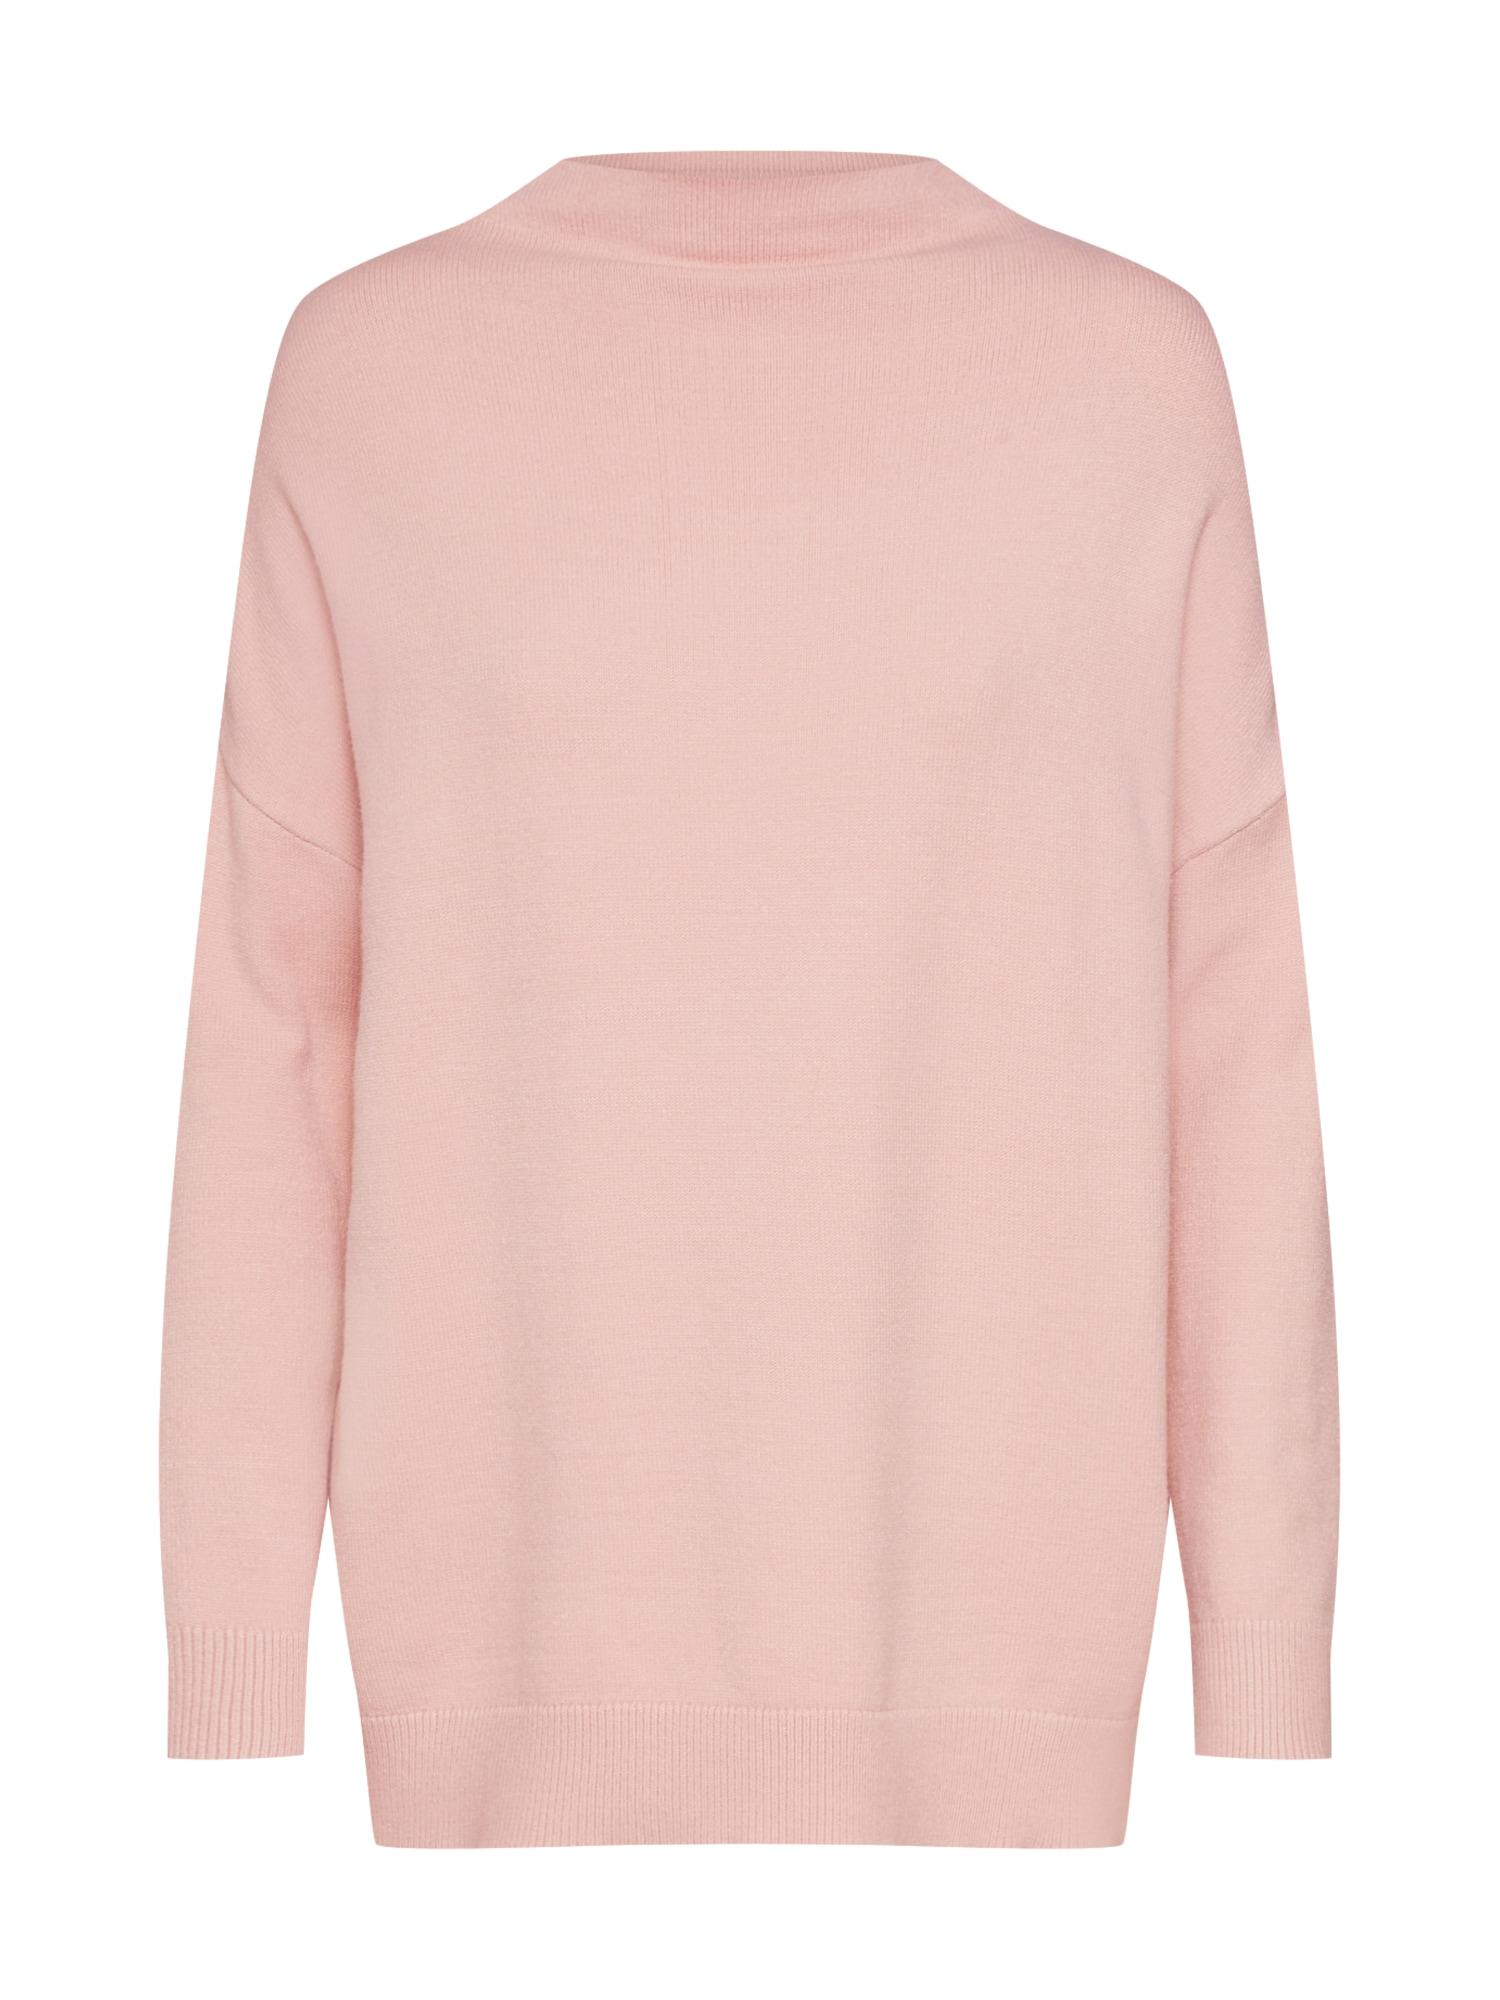 EDITED Megztinis 'Darinka' rožinė / rožių spalva